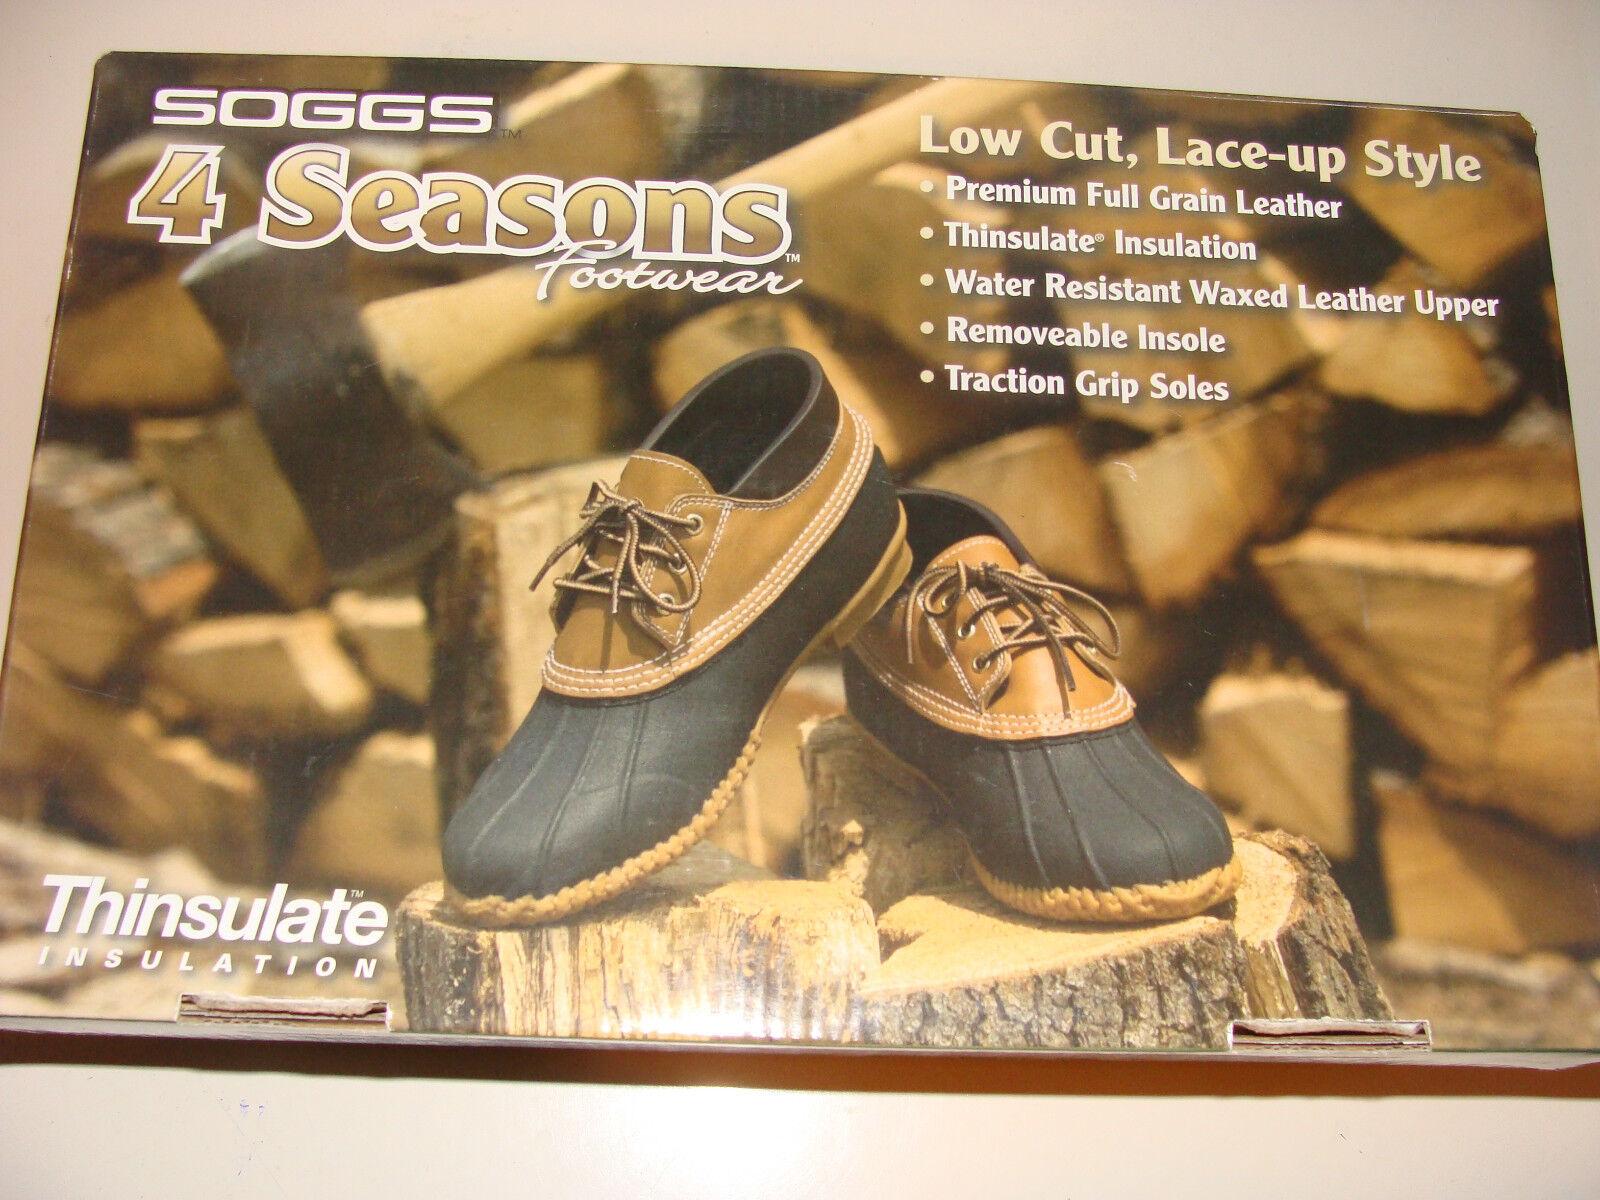 Soggs 4 Seasons botas para Hombre de Cuero Thinsulate Resistente al Agua Nuevo En Caja Zapatos